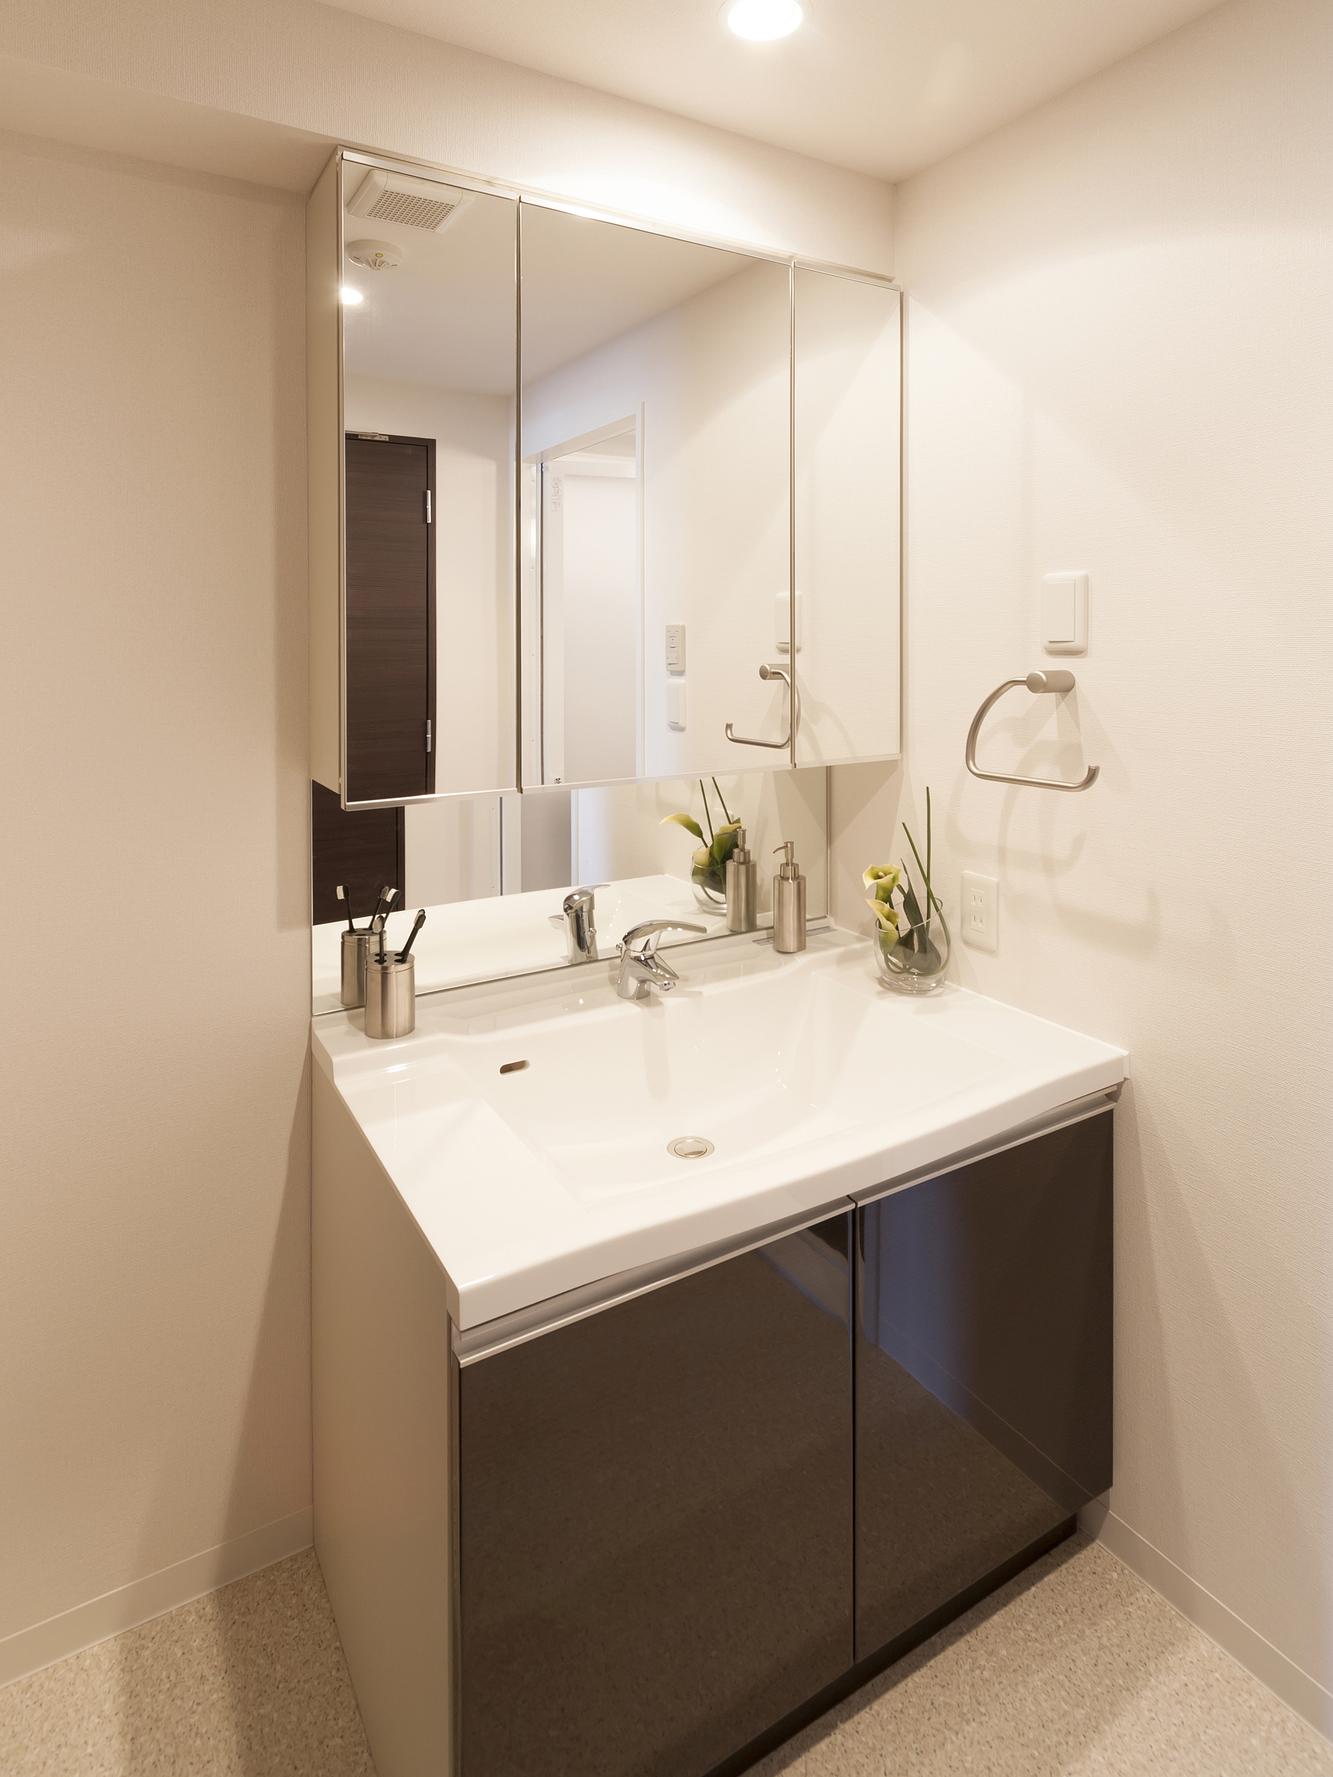 洗面化粧台 -bathroom vanity-